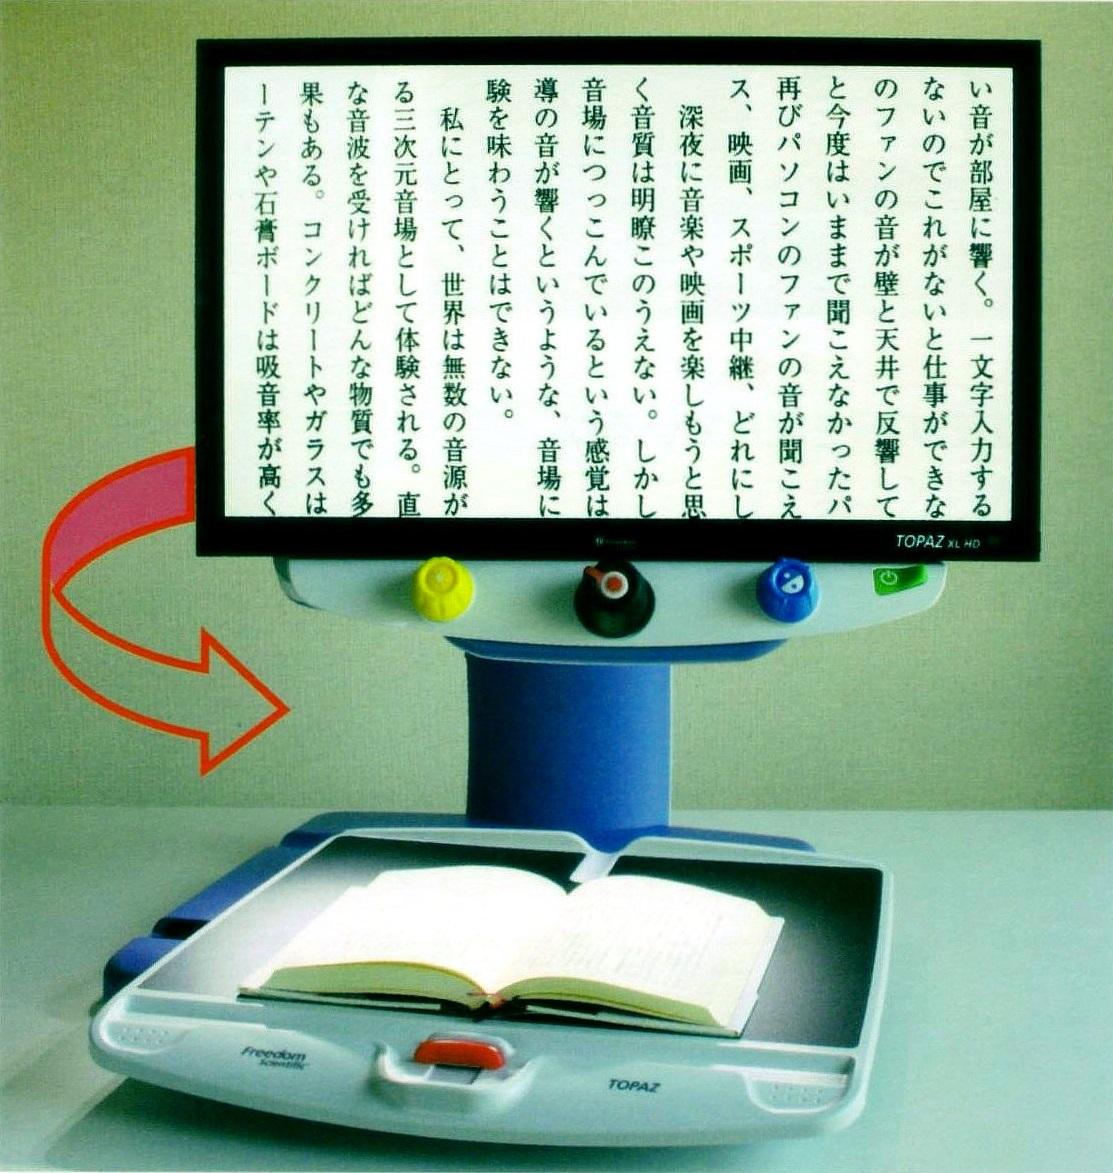 据置型拡大読書器「トパーズ XL HD プレミアム」